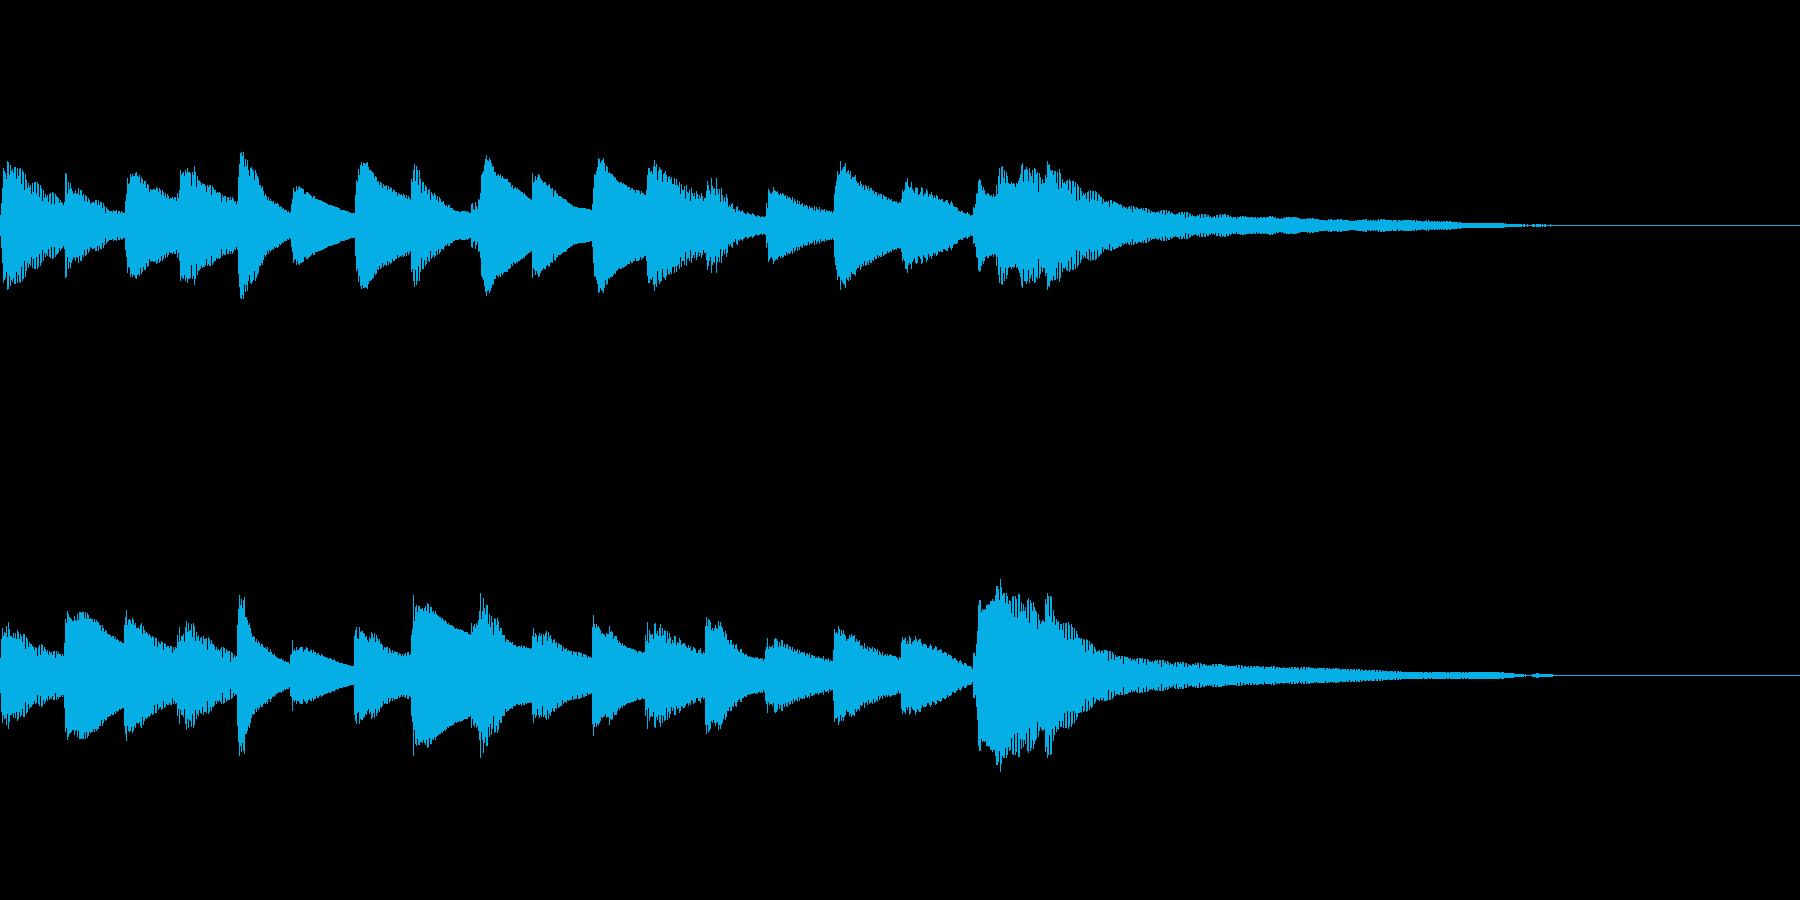 やさしいピアノ・サウンドロゴ8の再生済みの波形